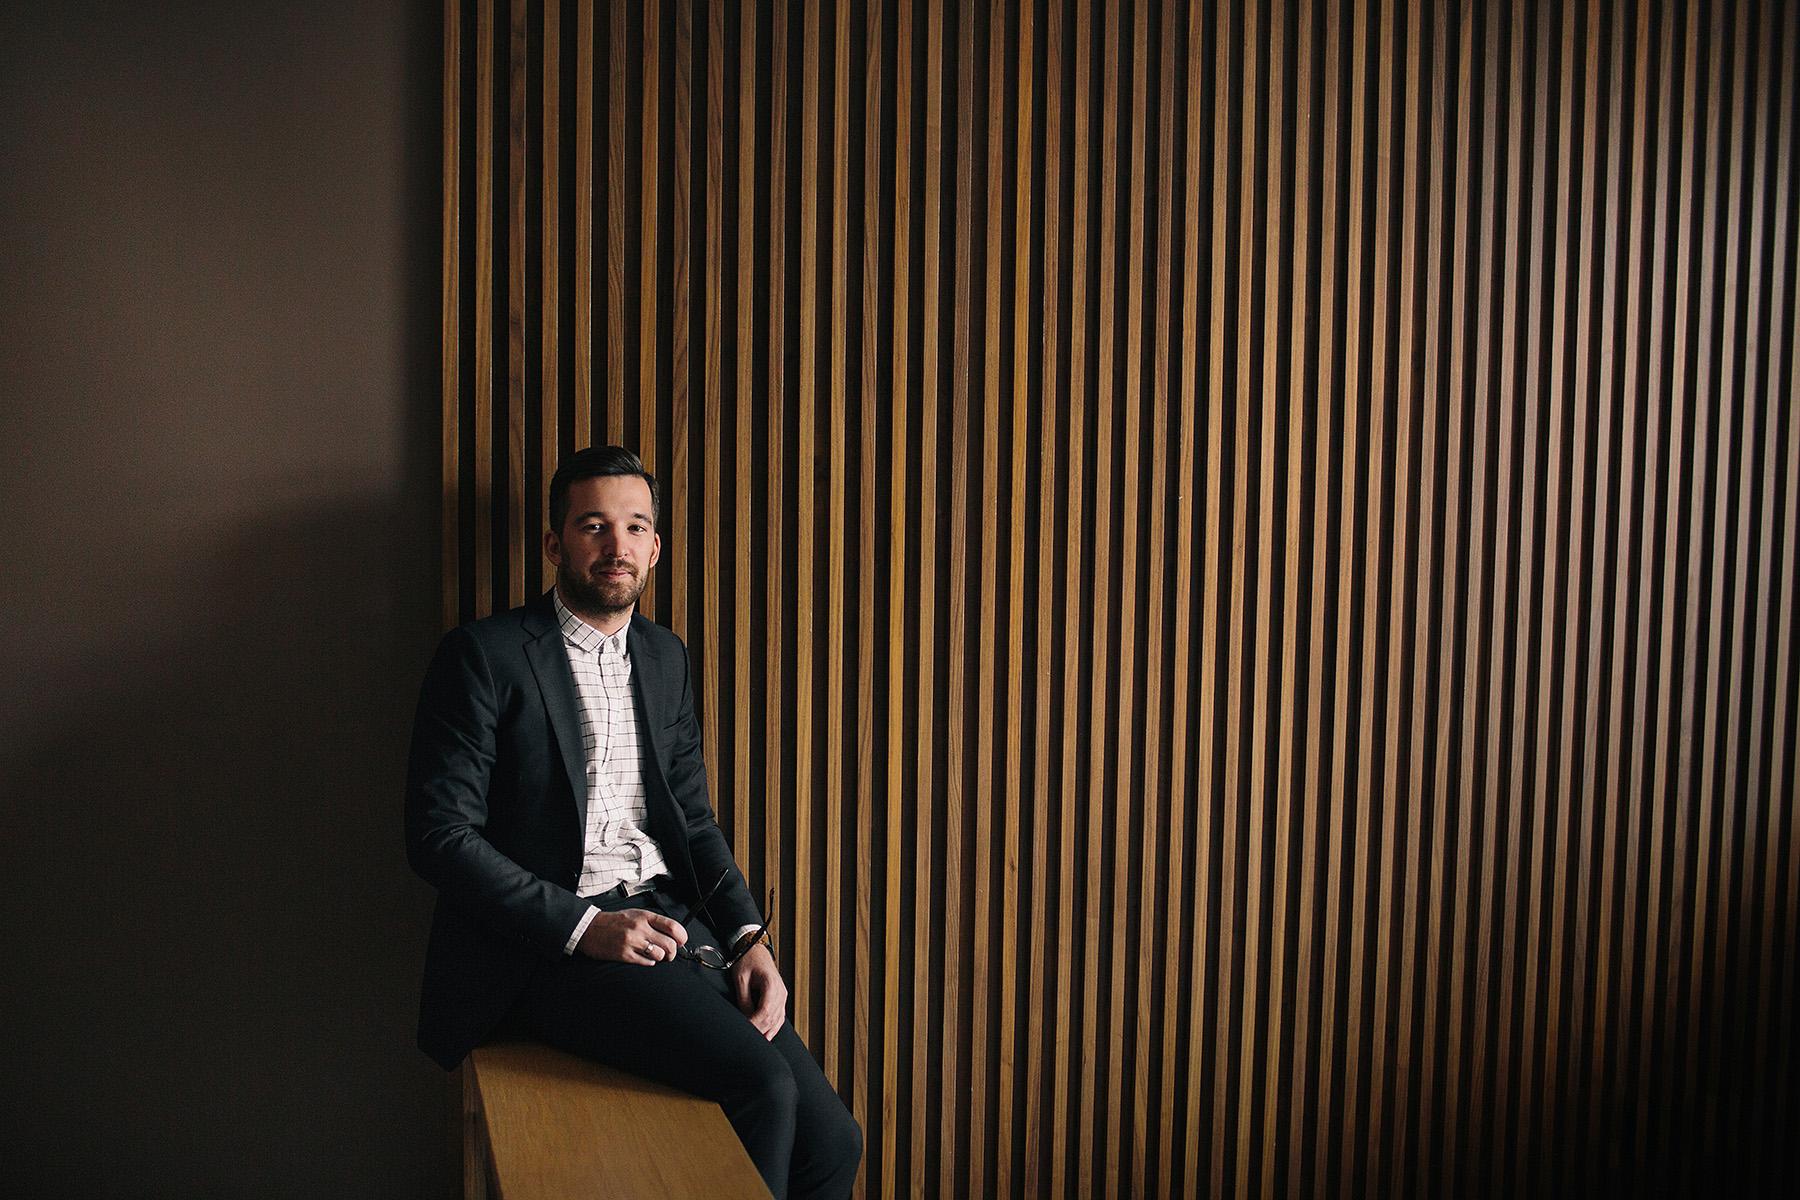 Бизнес-портрет. Евгений Кицелев